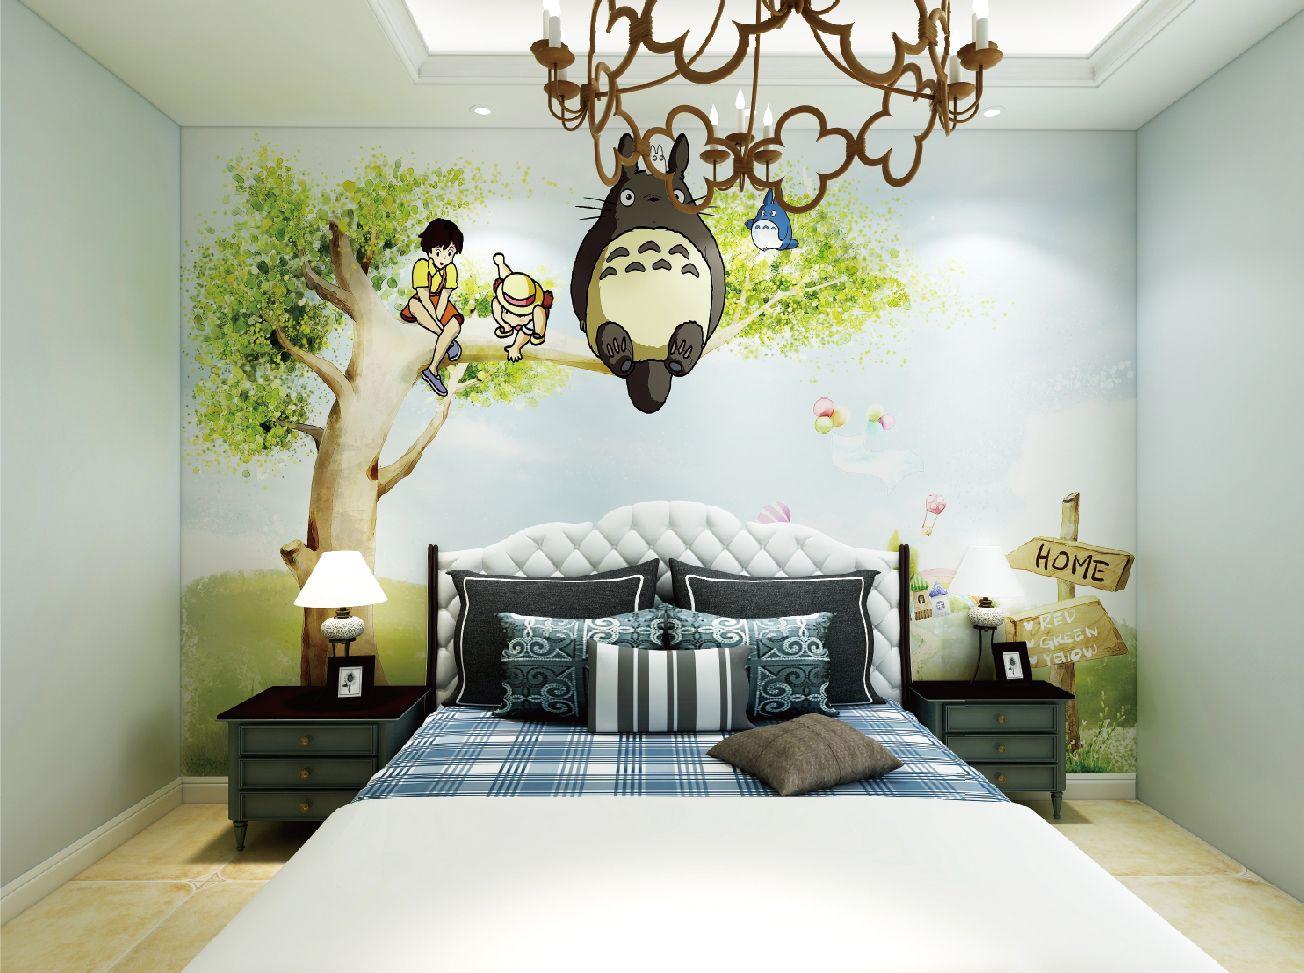 acheter livraison gratuite personnalis japonais film d 39 animation dragon chat fond d 39 cran. Black Bedroom Furniture Sets. Home Design Ideas